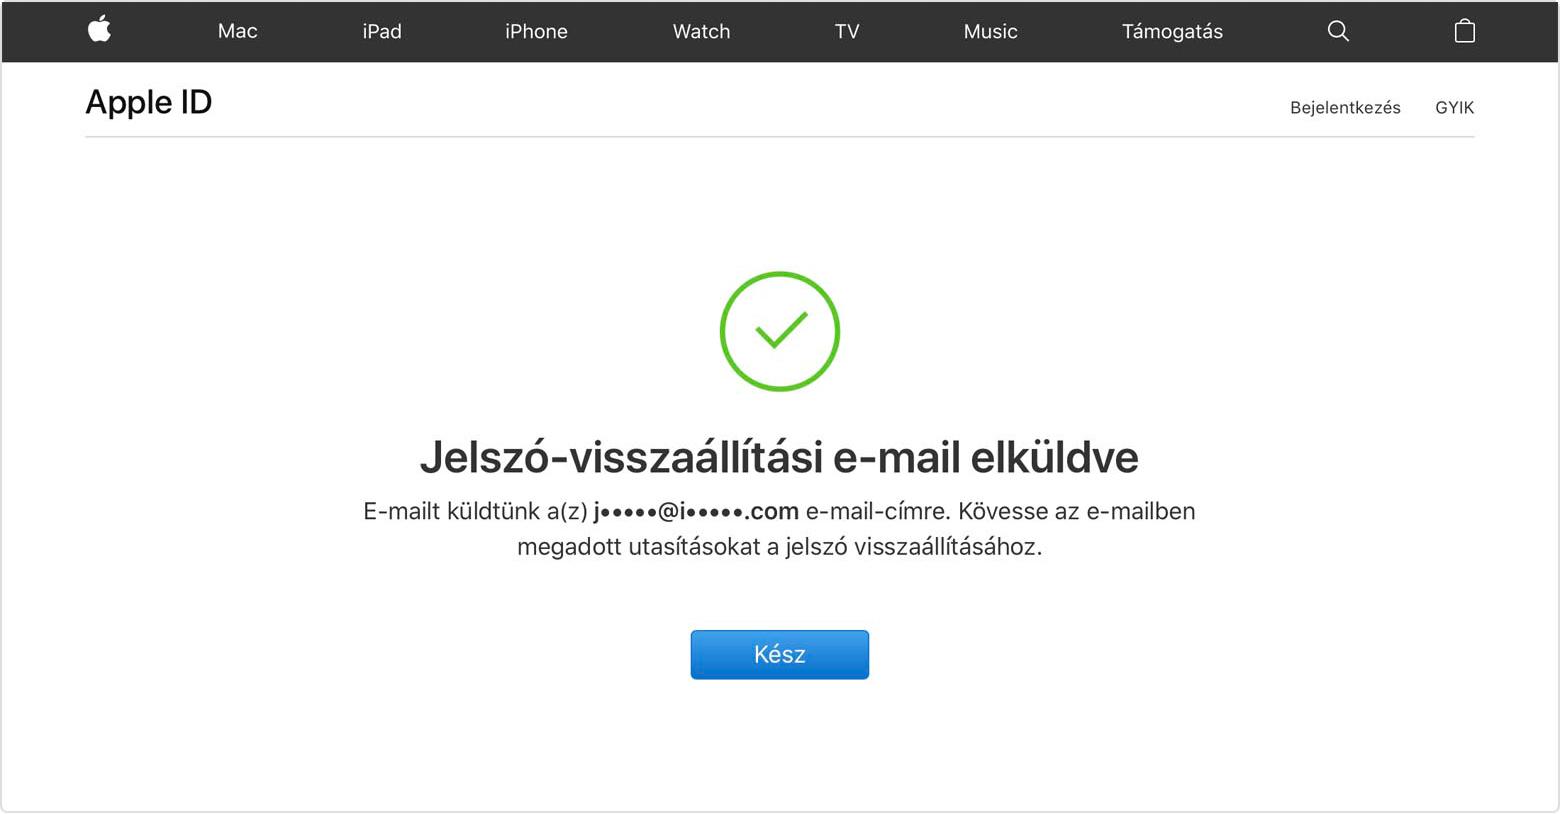 Bejelentkezés iPhone, iPad vagy iPod touch készüléken.